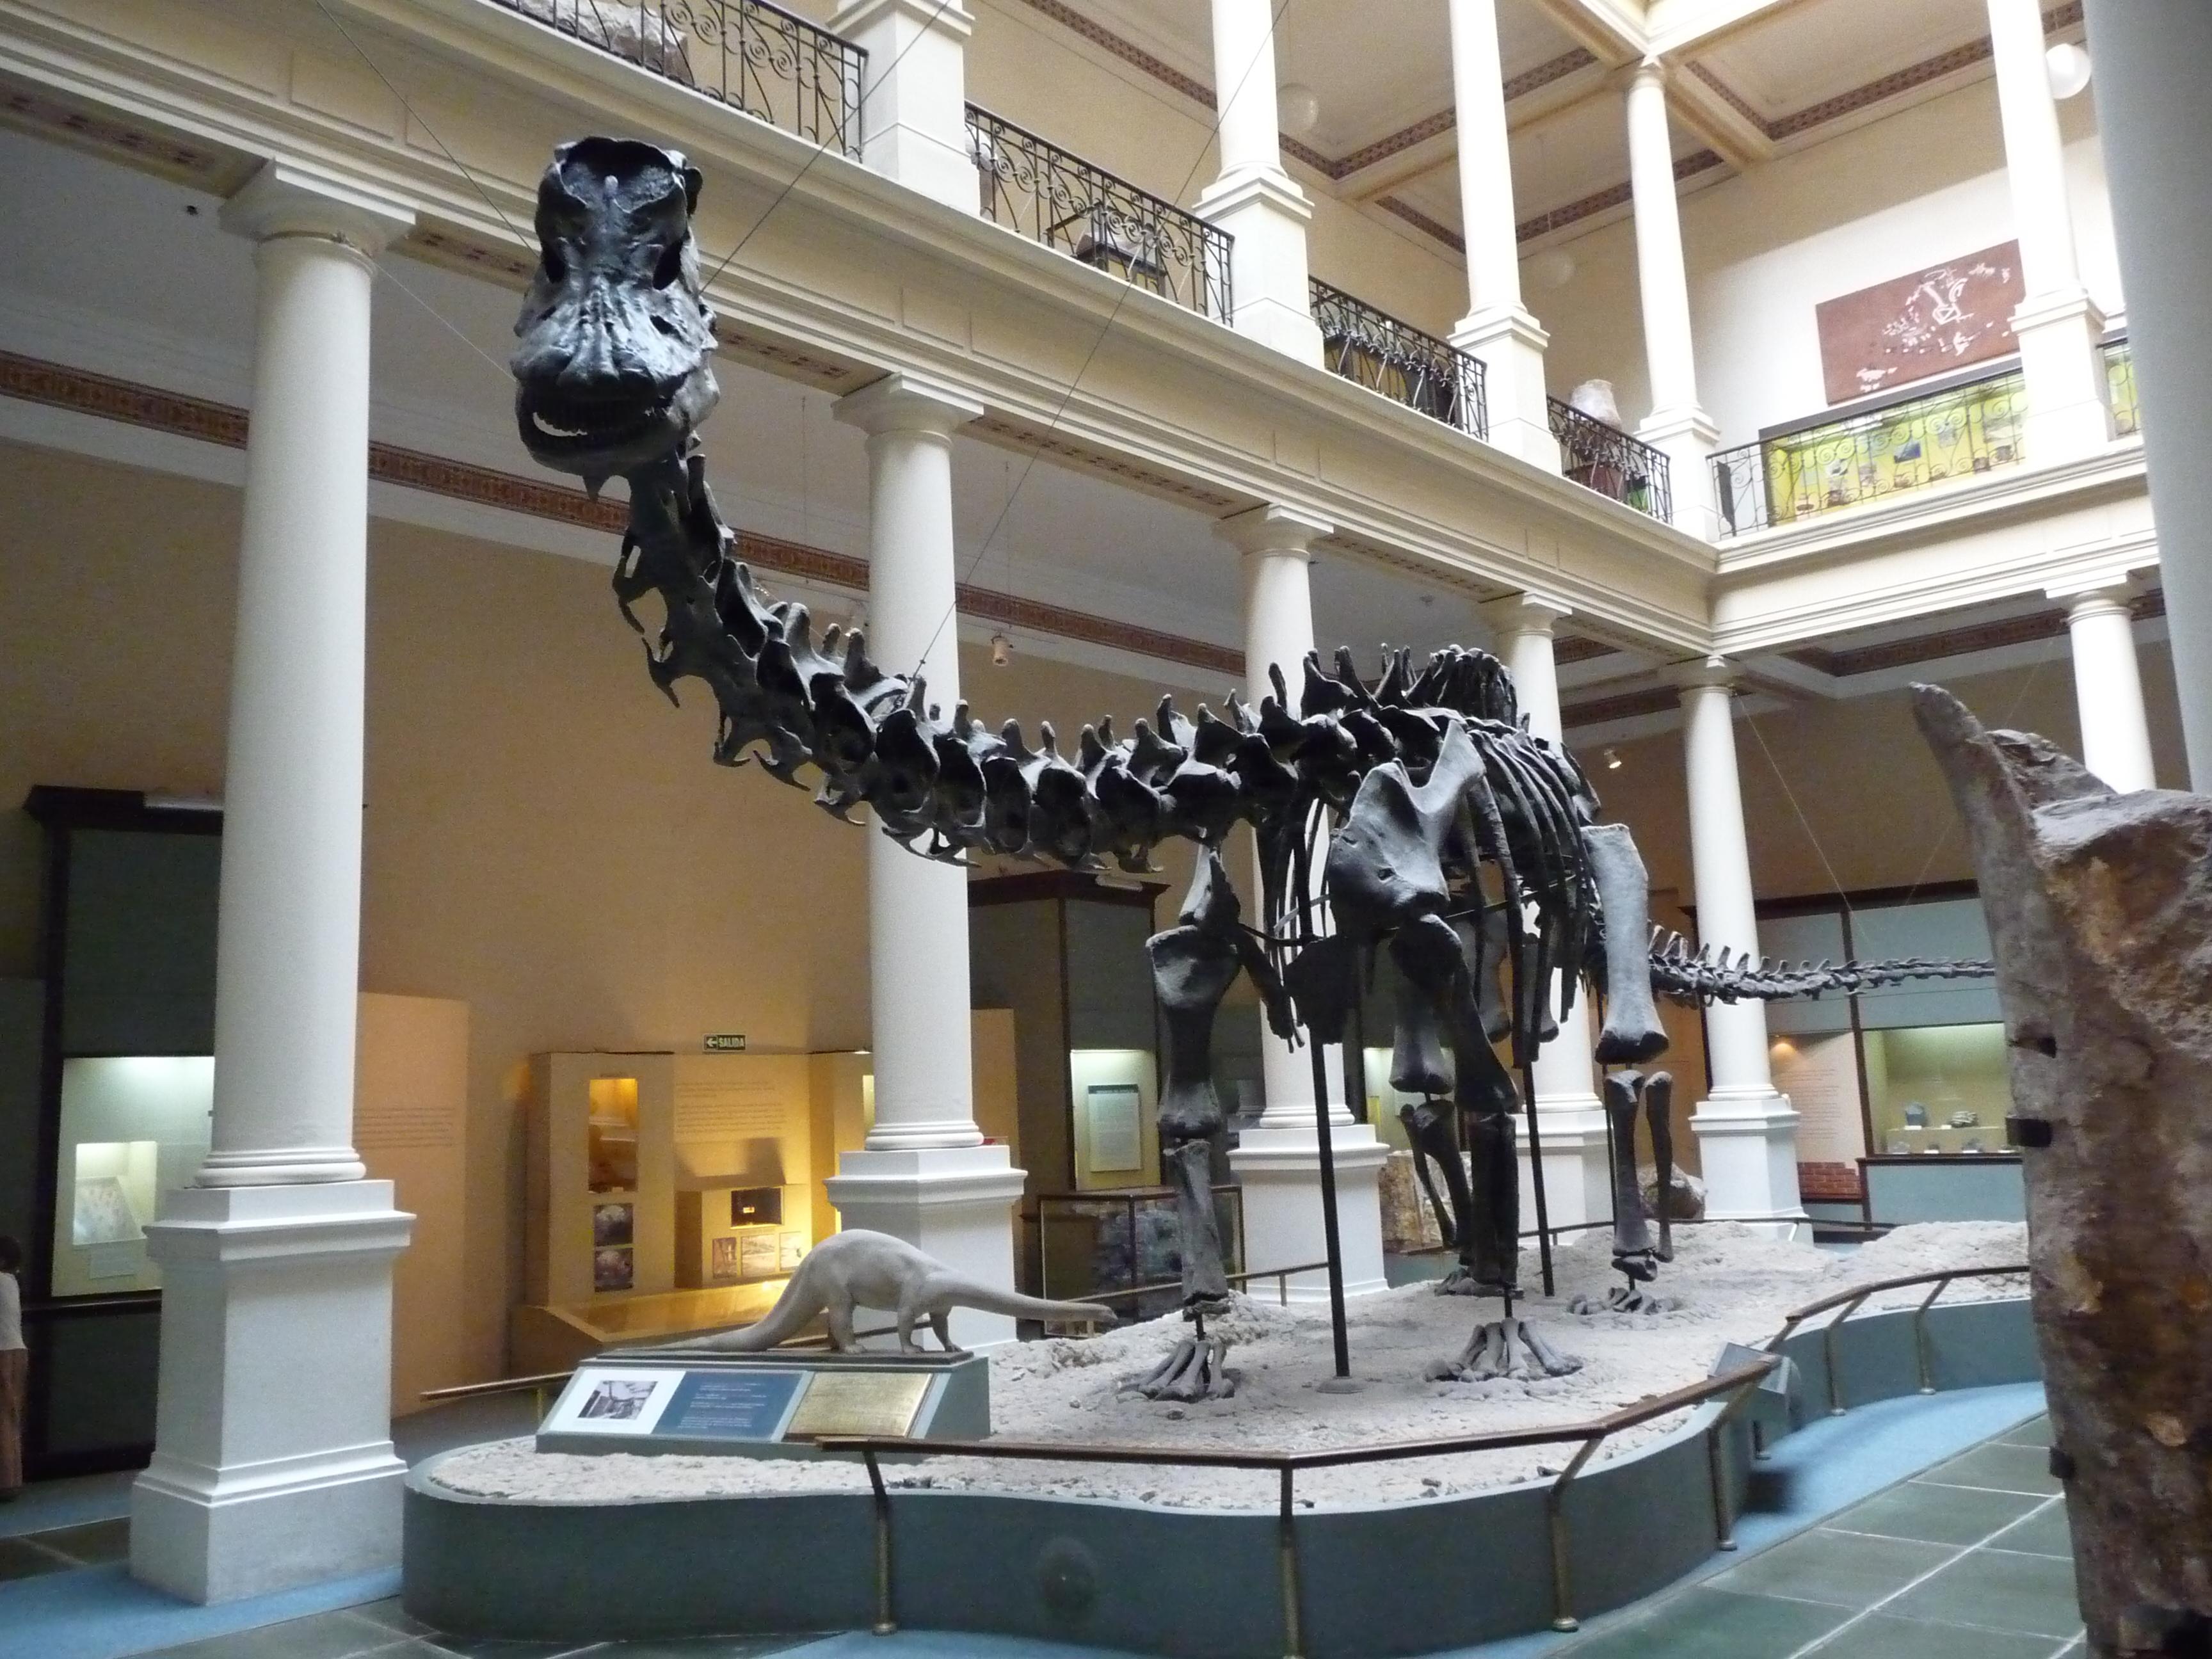 Museo De.File Calco De Diplodocus Museo Ciencias Naturales La Plata Jpg